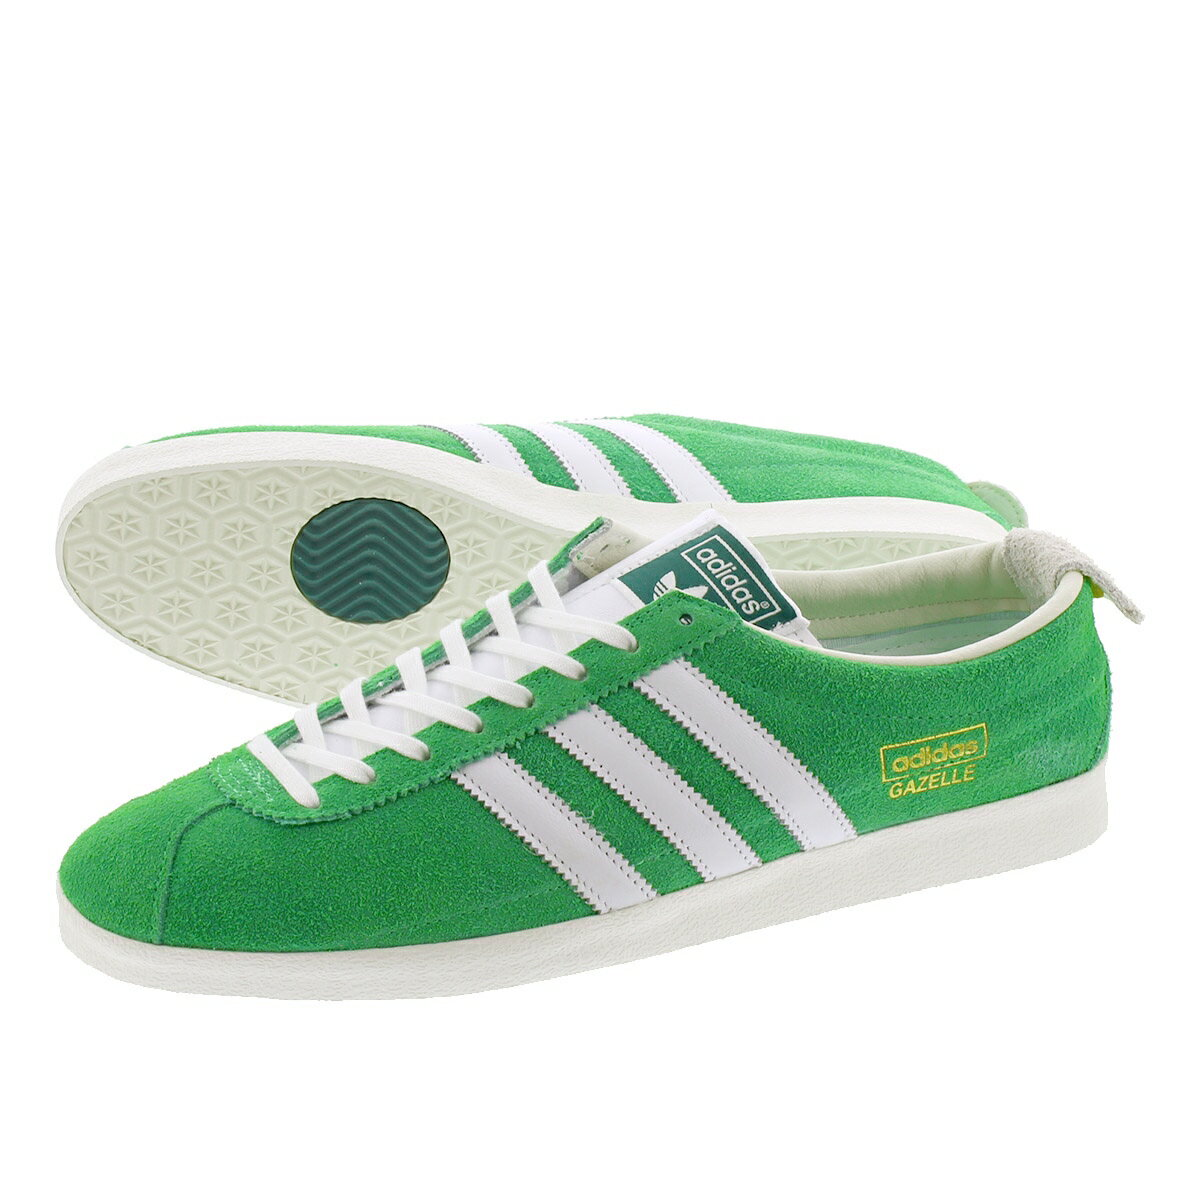 メンズ靴, スニーカー  adidas GAZELLE VINTAGE SEMI FLASH LIMEFTWR WHITEOFF WHITE ef5577